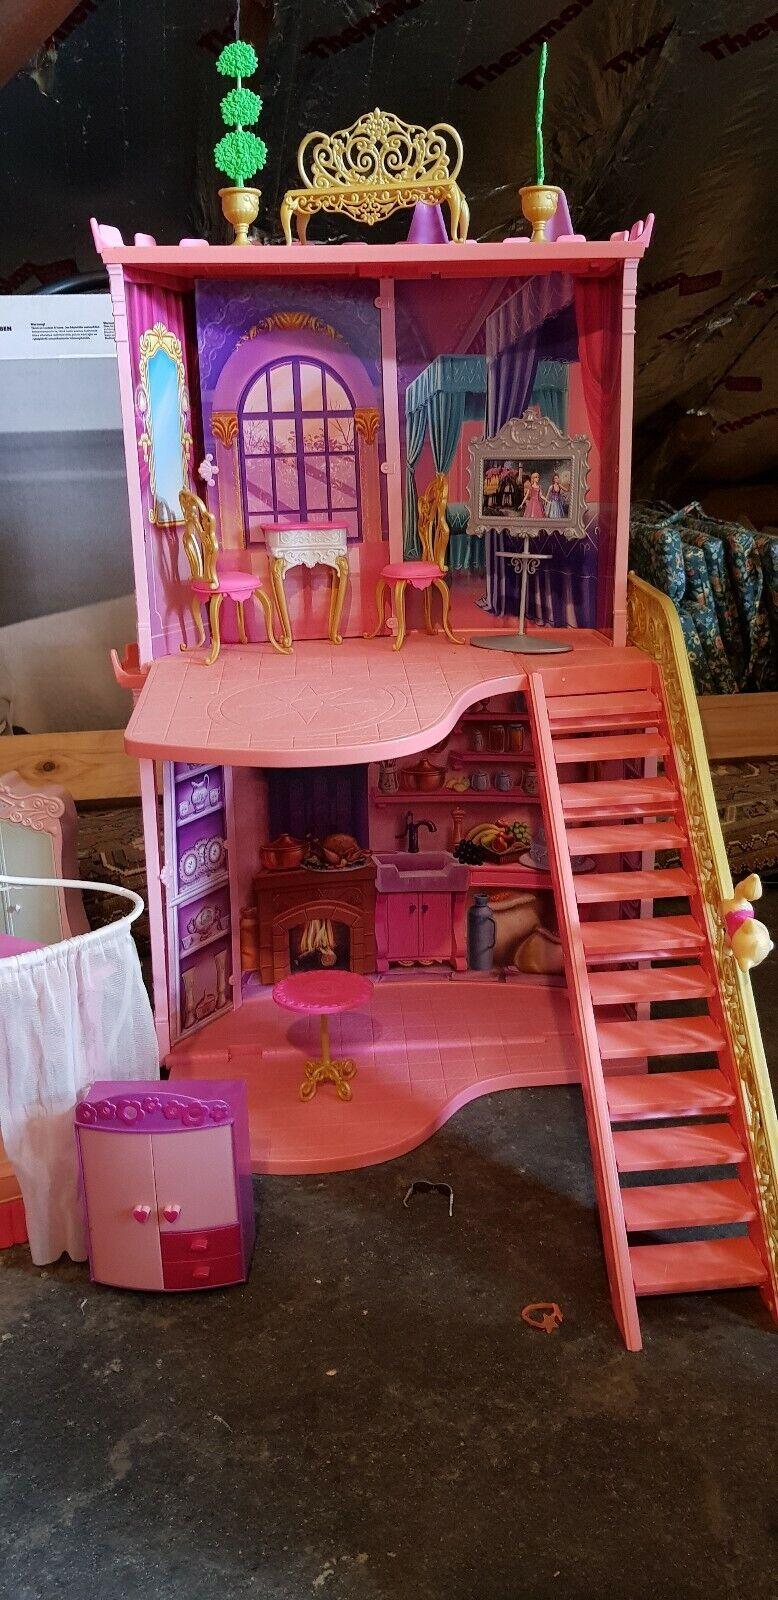 Barbie Haus Haus Haus Zweistöckig Incl Viel Zubehör Waschbecken m. Spiegel Grill ae2ecd